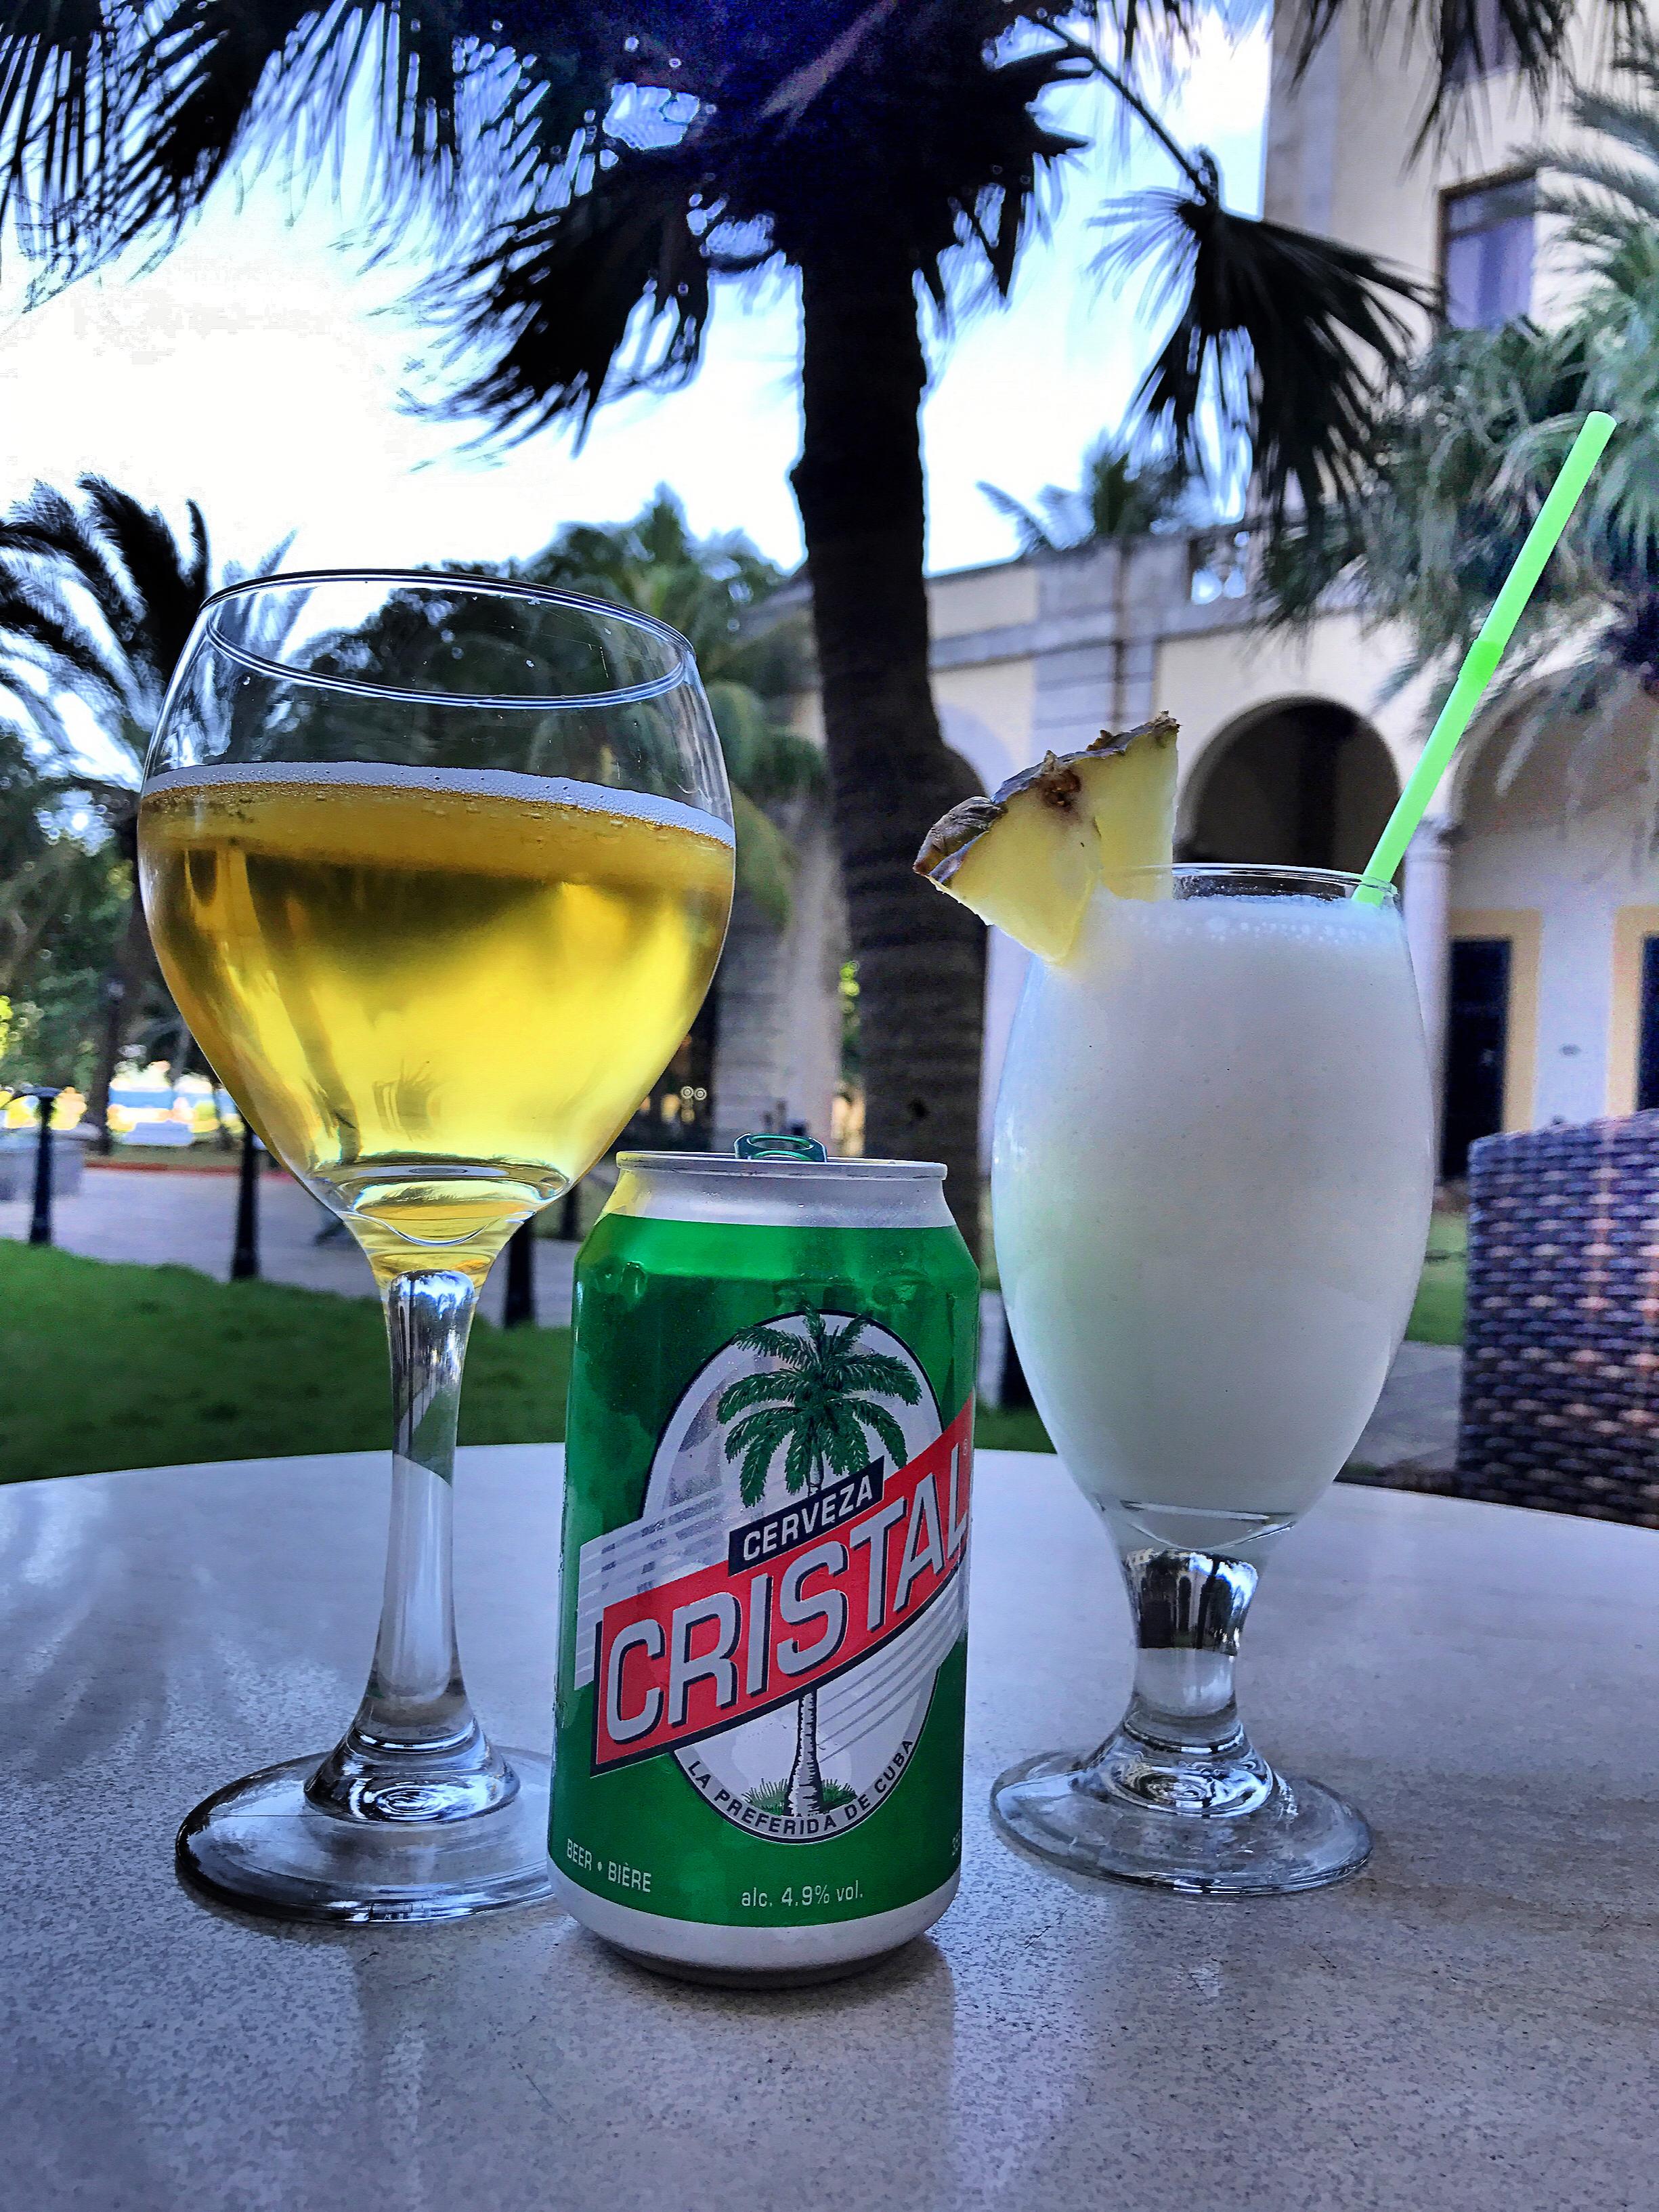 pina-colada-beer-crystal-cerveza-hotel-nacional